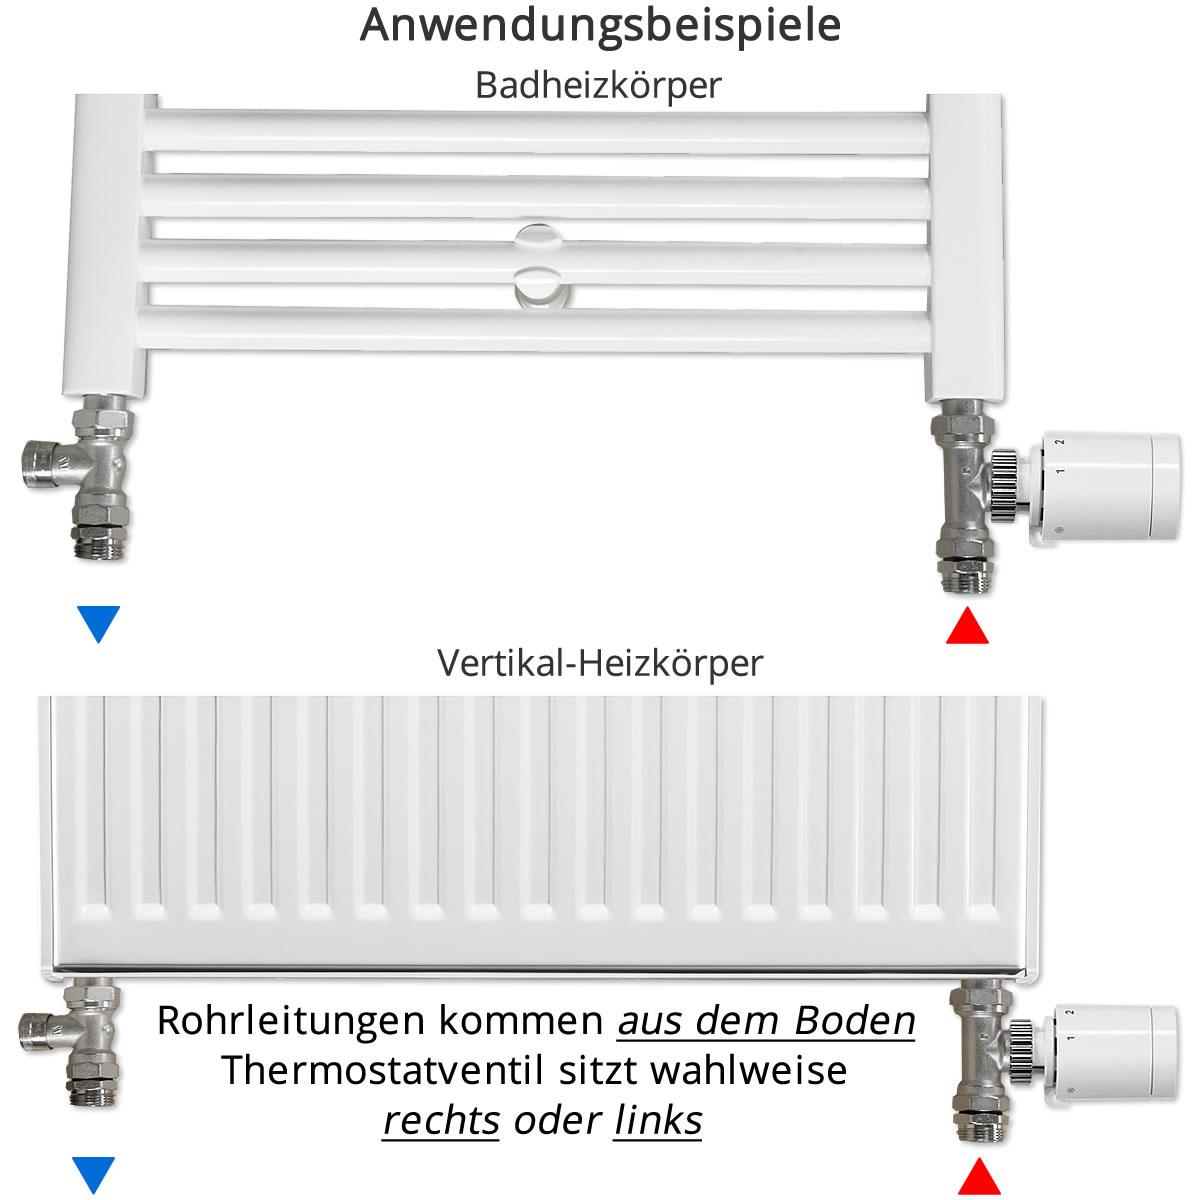 anschluss set f r vertikal badheizk rper durchgangsform thermostatventil zur seite rechts. Black Bedroom Furniture Sets. Home Design Ideas